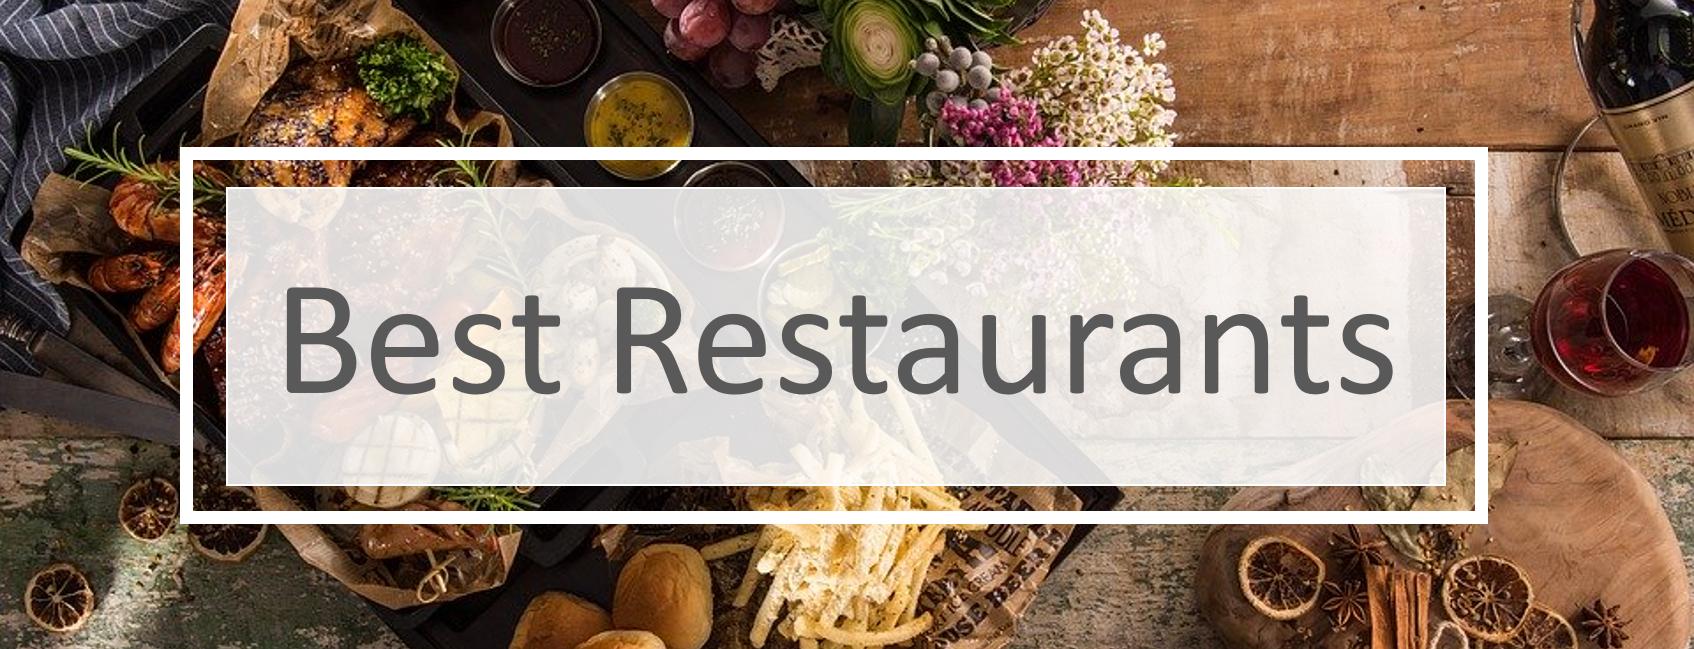 Best Restaurants in Slidell LA